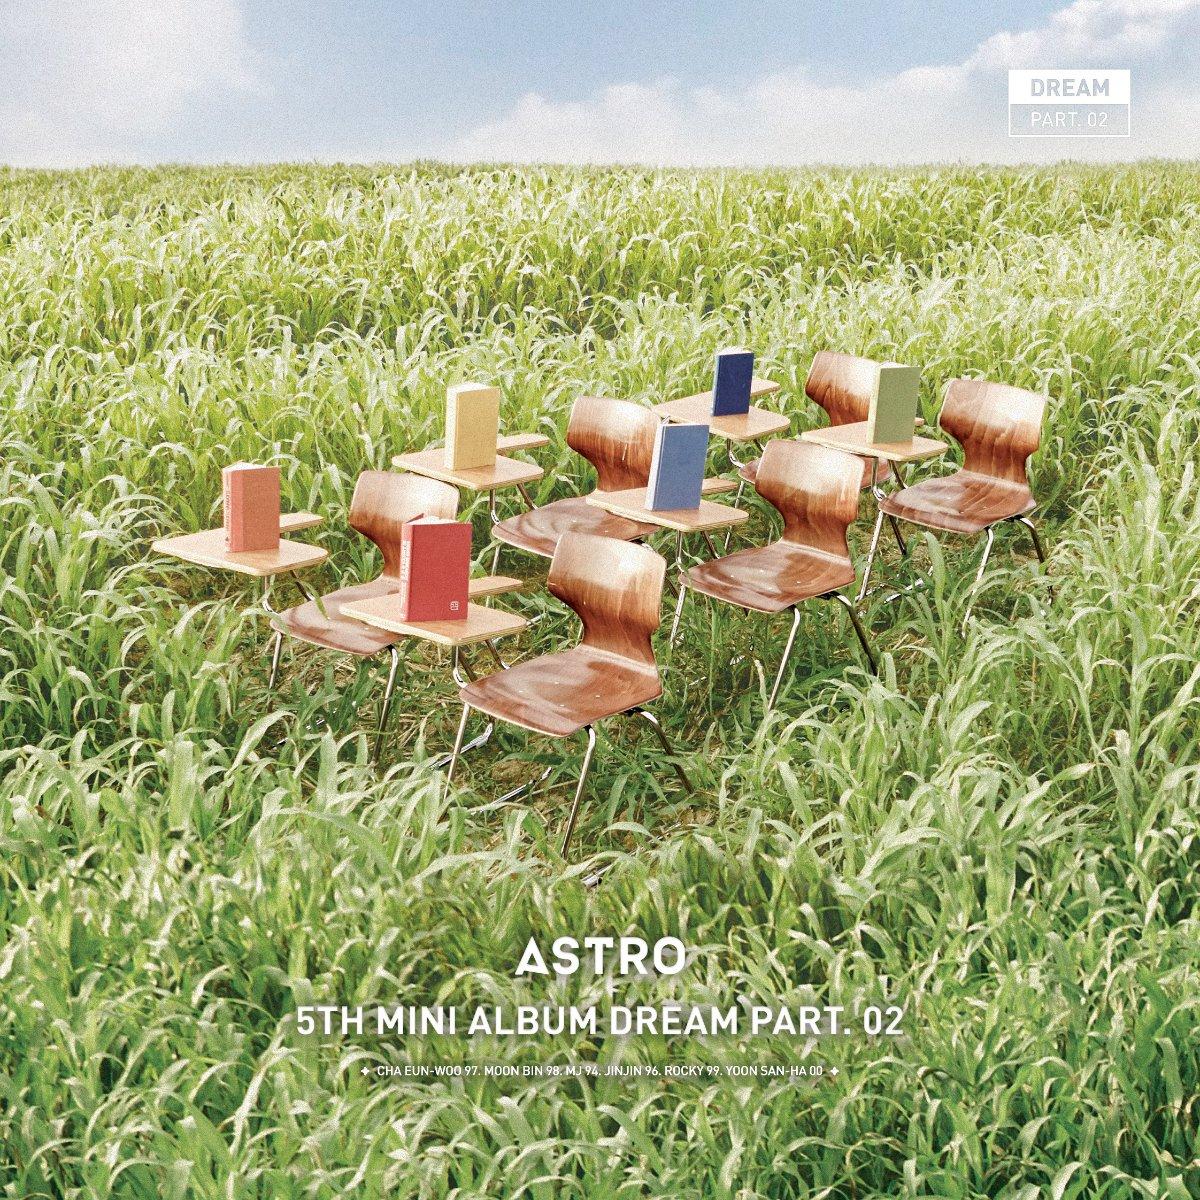 Astro vision lifesign mini mérkőzés, ingyenes letöltés